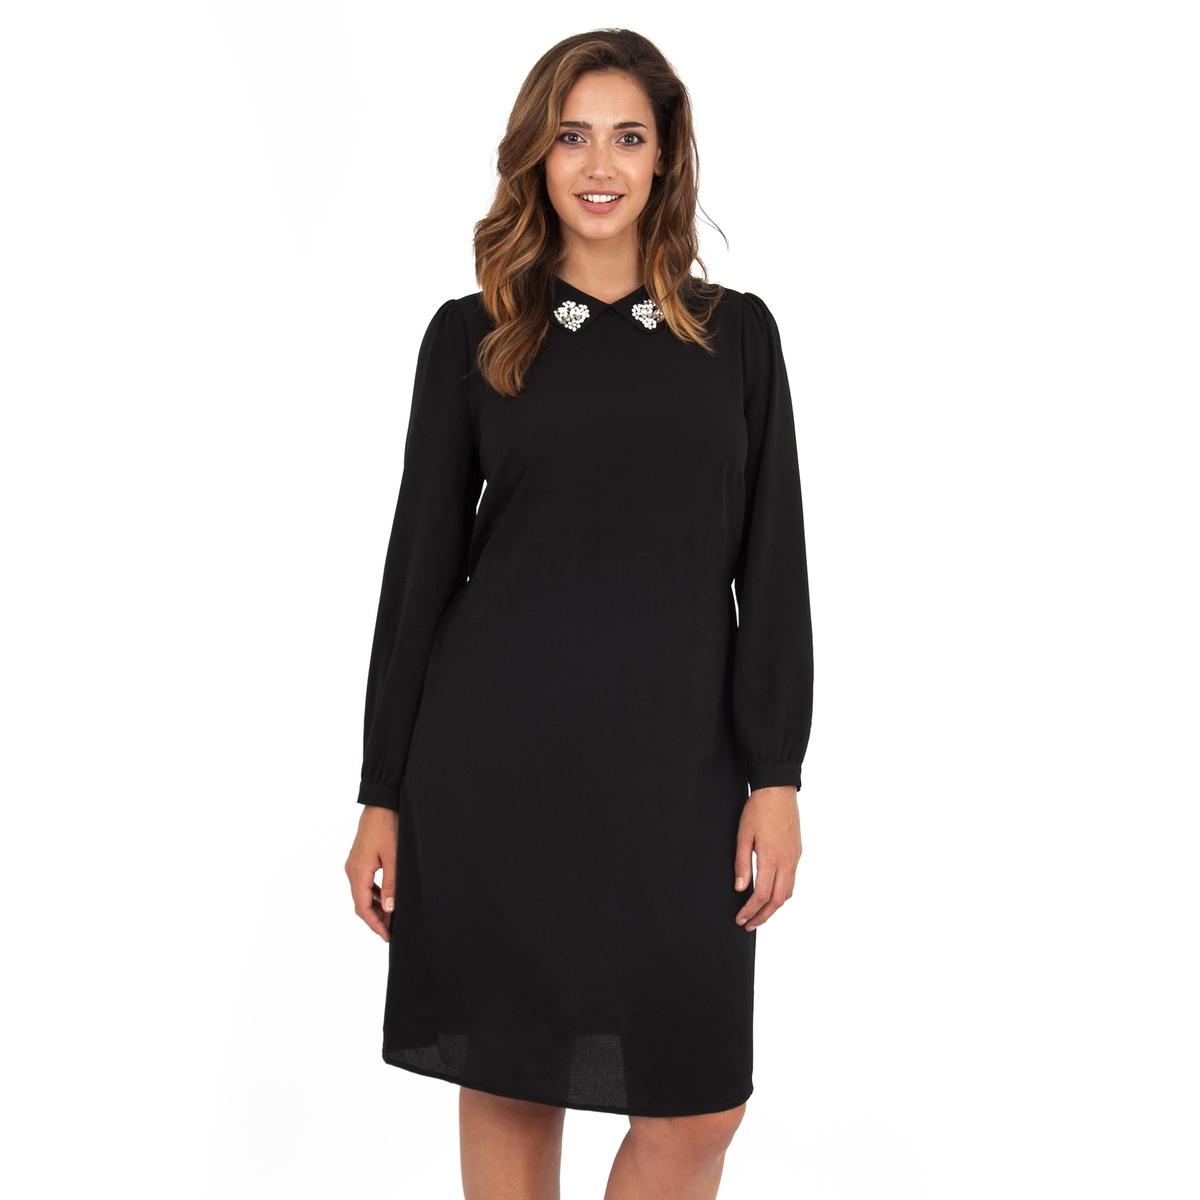 ПлатьеПлатье с длинными рукавами - LOVEDROBE. Красивая отделка выреза. Ремень на поясе. Длина ок.104 см. 100% полиэстера.<br><br>Цвет: черный